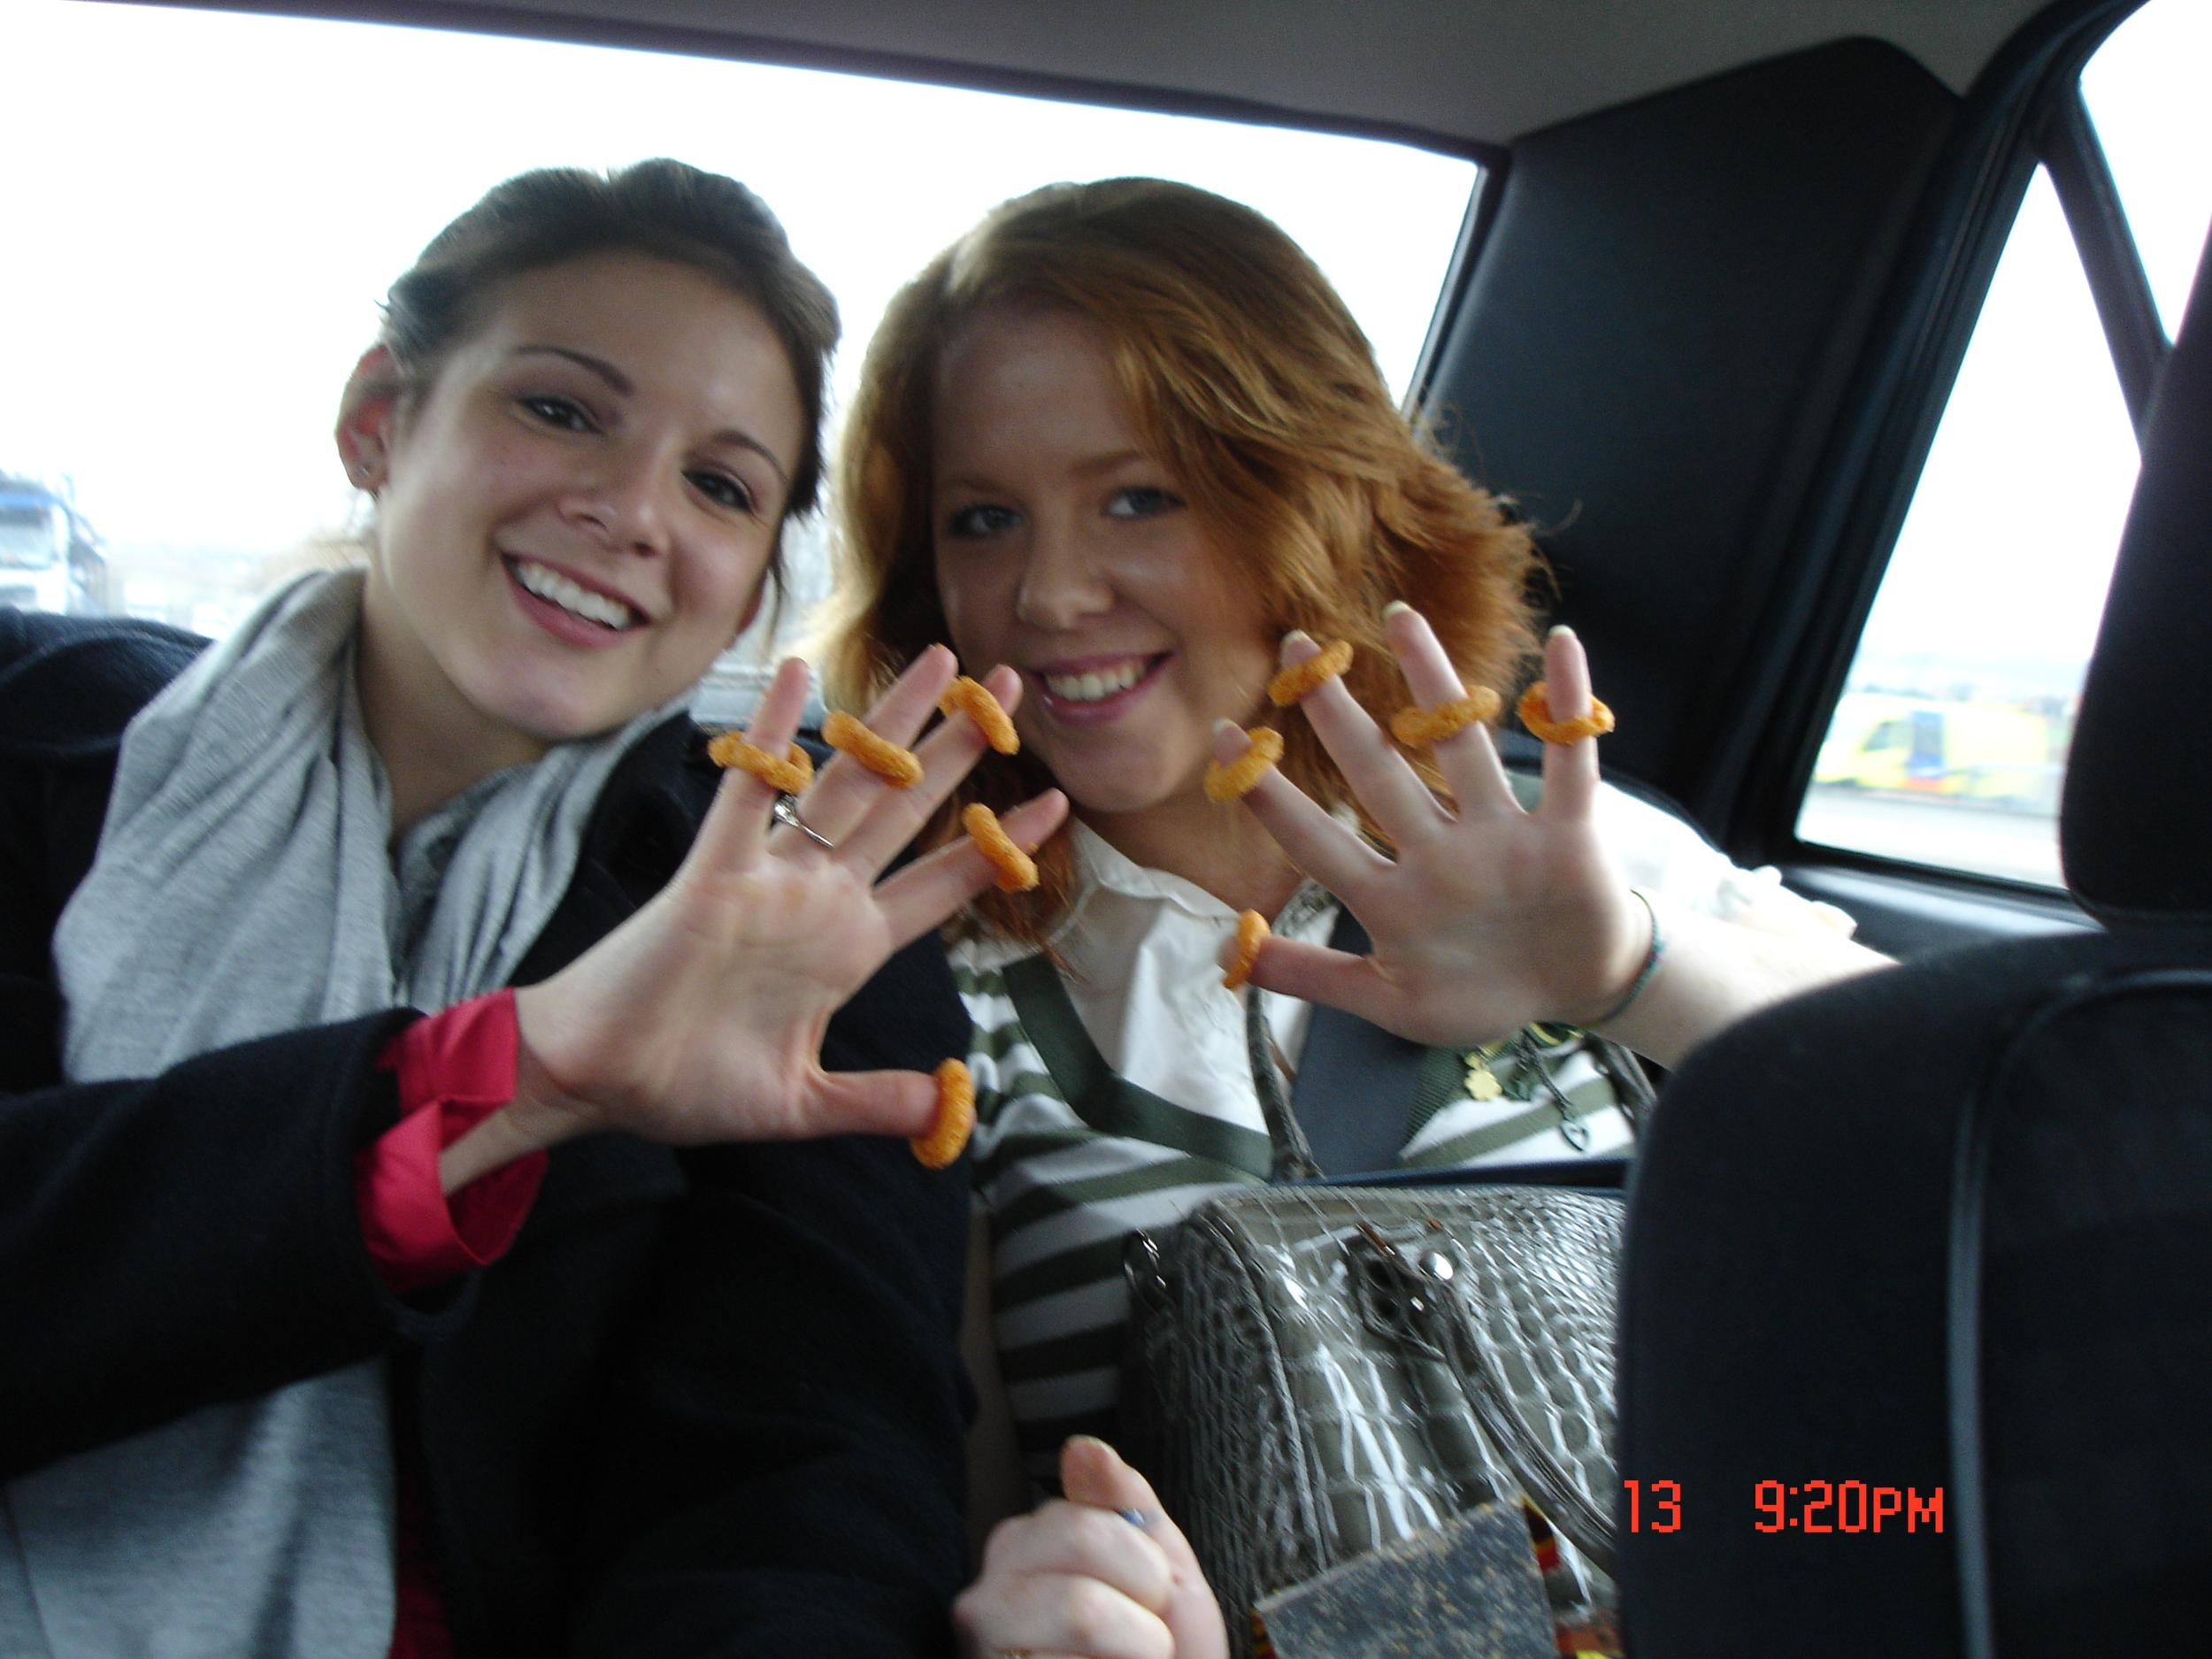 Burger rings - yumm!